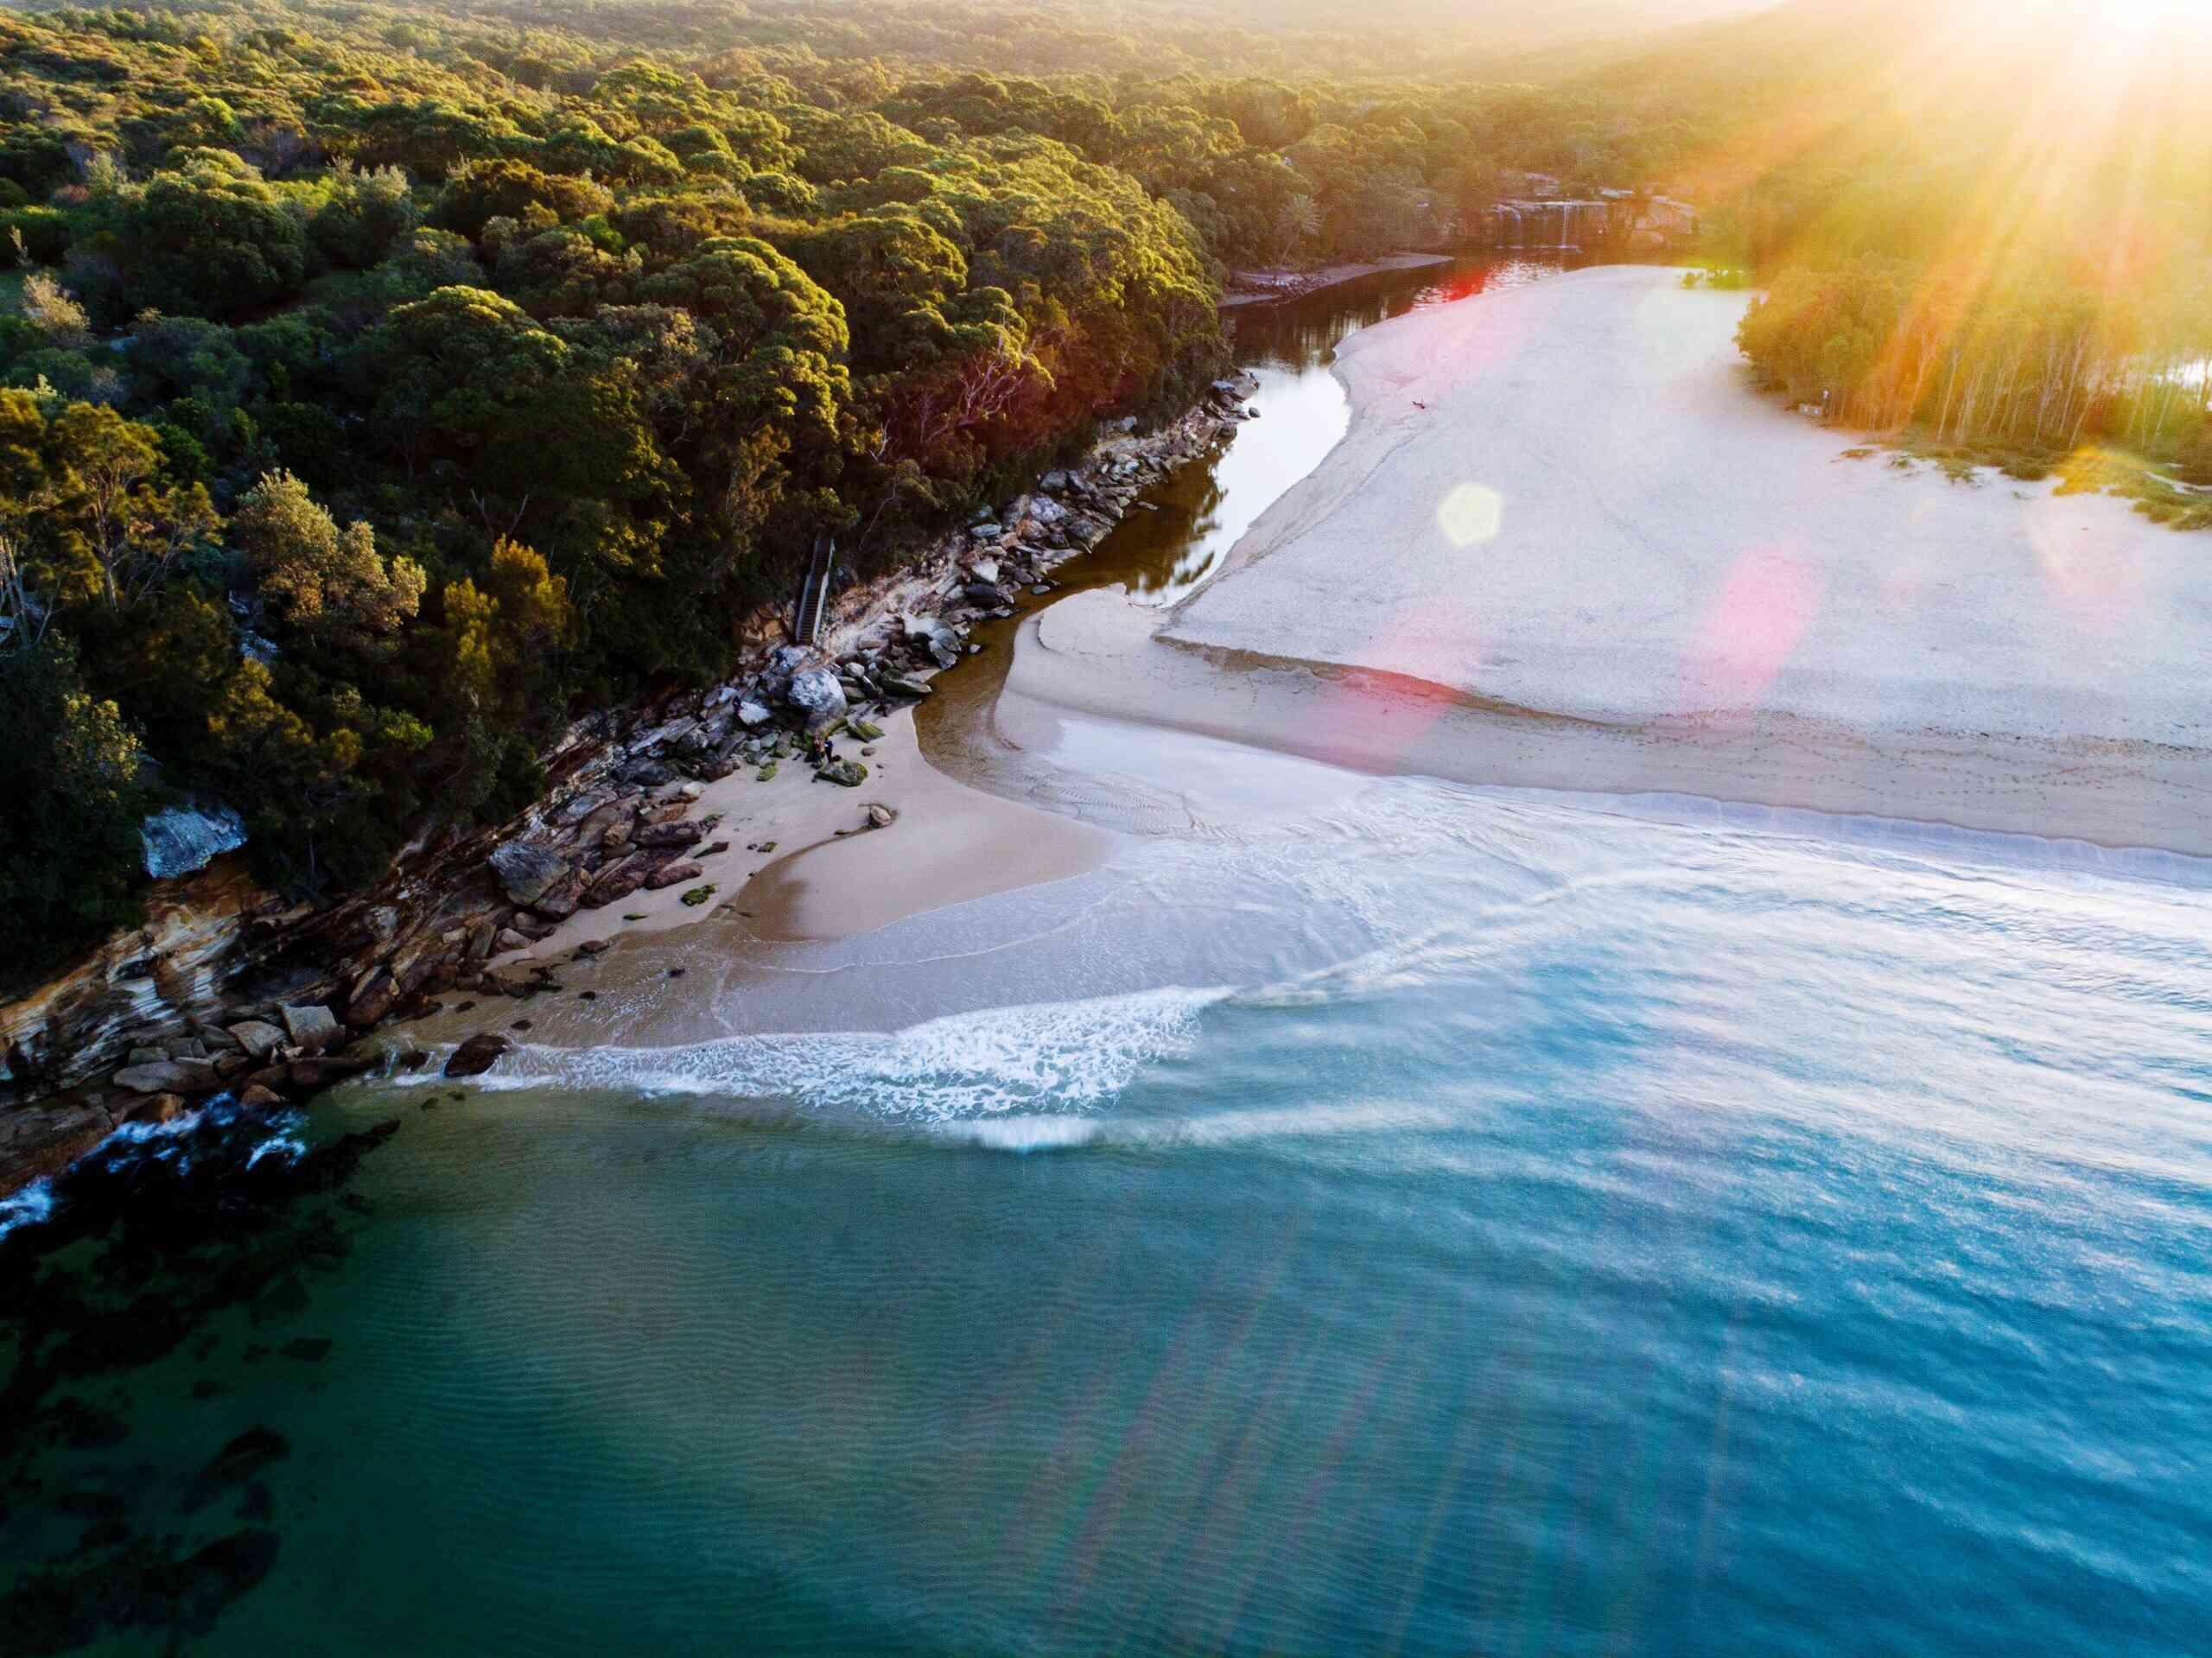 Aerial view of Wattamolla Beach